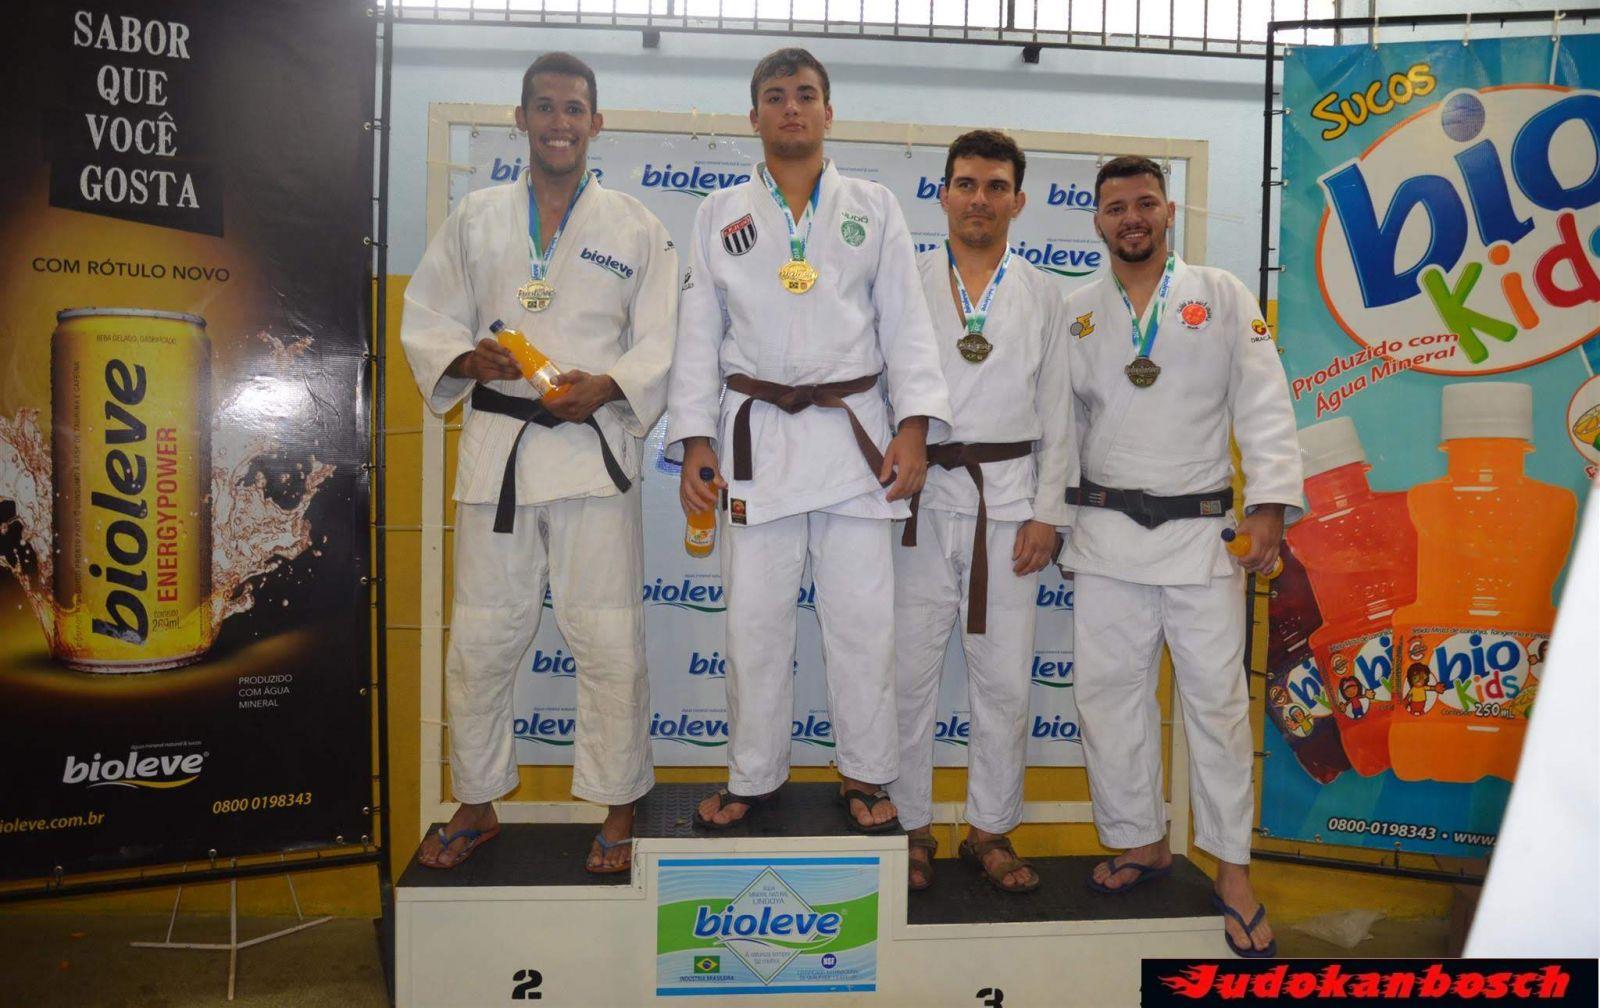 Judokanbosch/Divulgação _ José Guilherme Iasbech foi um dos atletas palmeirenses a faturar o ouro